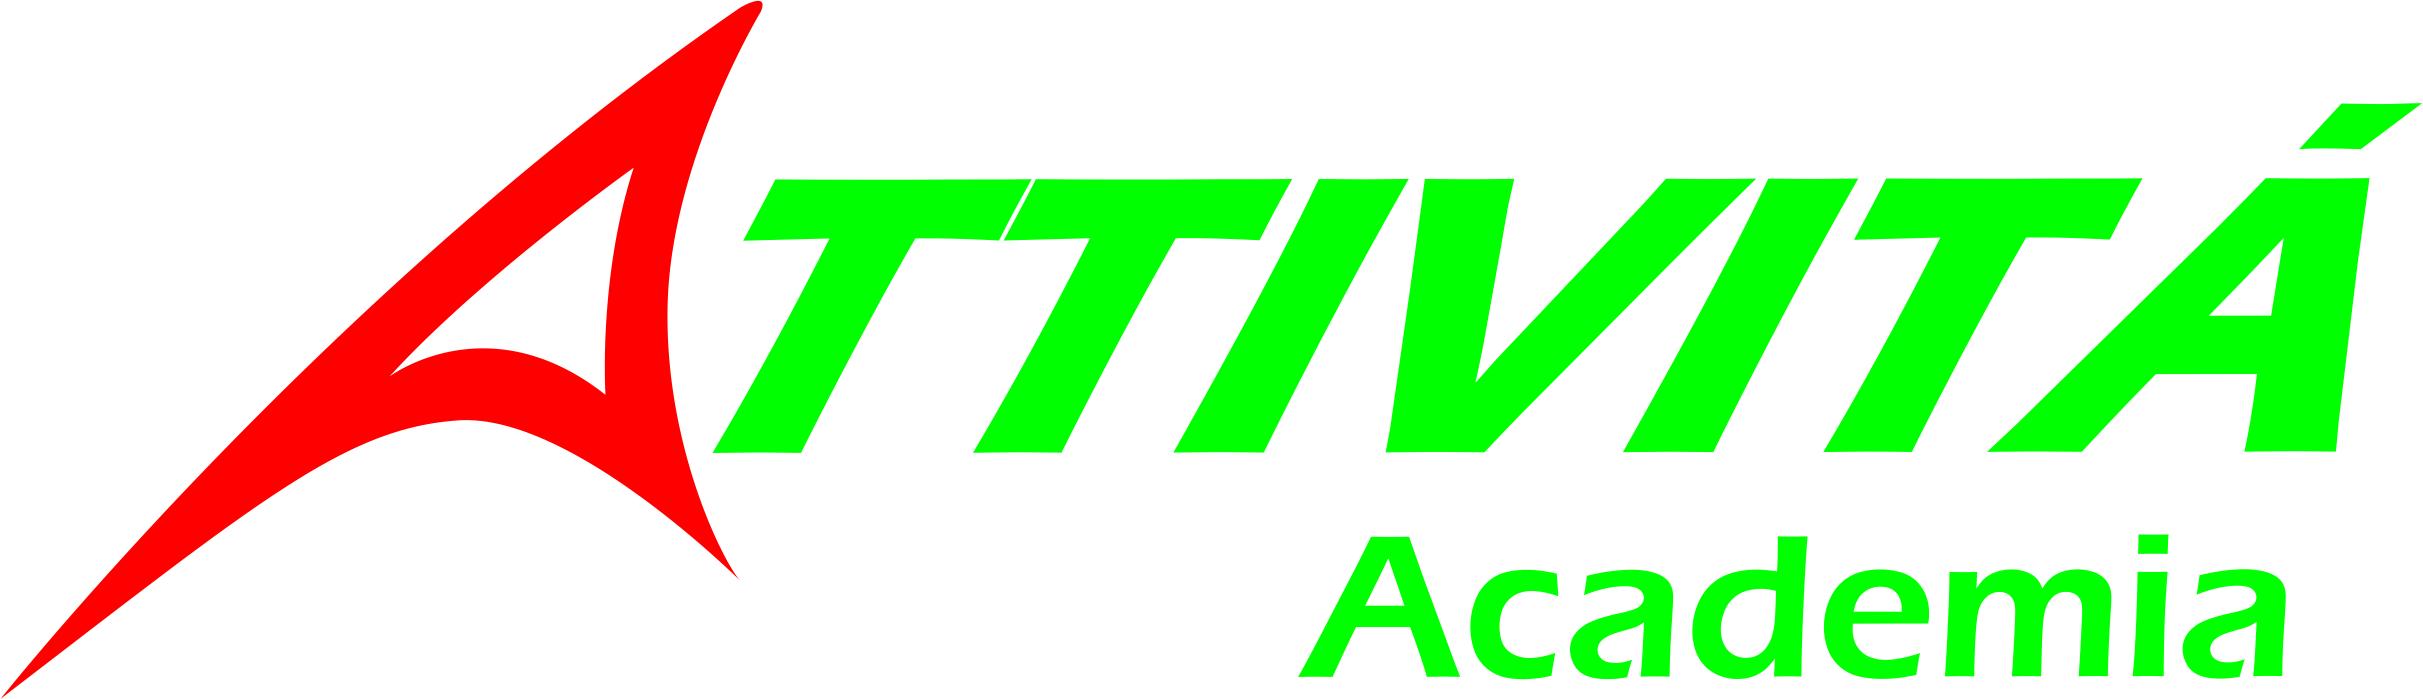 Academia Attivitá